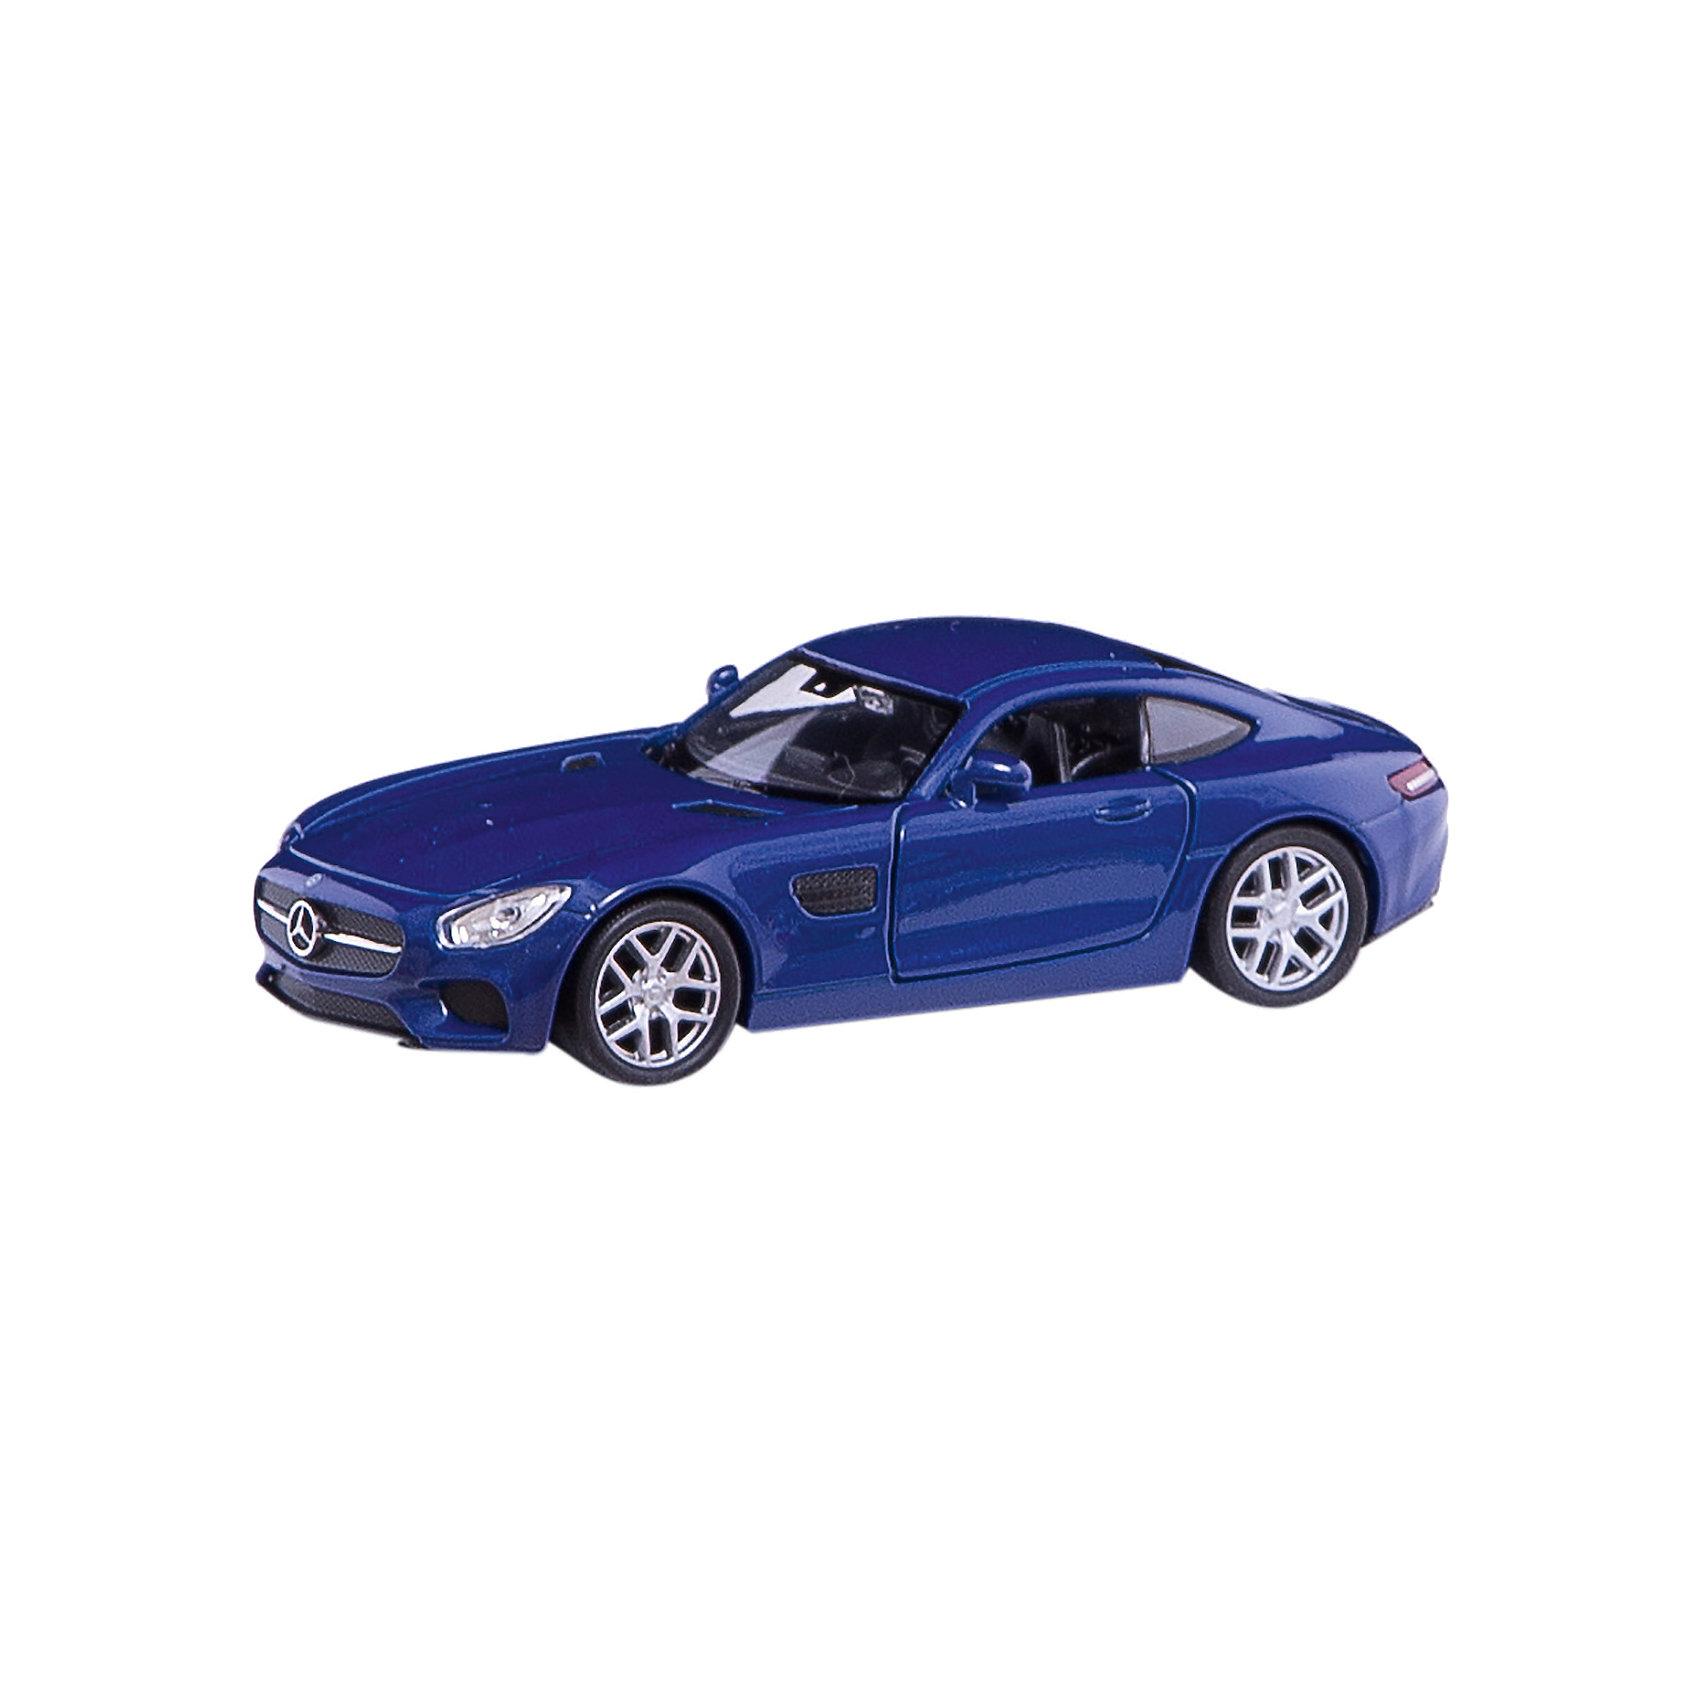 Модель машины 1:34-39 Mercedes-Benz AMG GT, WellyКоллекционные модели<br>Коллекционная модель машины 1:34-39 Mercedes-Benz AMG GT от производителя Welly (Велли). В ассортименте представлены коллекционные машины 4 цветов: белого, серебристого, красного и синего. Модели выполнены очень качественно, открываются двери и вращаются колеса, интерьер салона также тщательно детализирован. Машина представлена в цветовом ассортименте, доставка выбранного варианта в поставке не гарантирована.<br><br>Ширина мм: 150<br>Глубина мм: 120<br>Высота мм: 60<br>Вес г: 154<br>Возраст от месяцев: 36<br>Возраст до месяцев: 192<br>Пол: Мужской<br>Возраст: Детский<br>SKU: 4966549